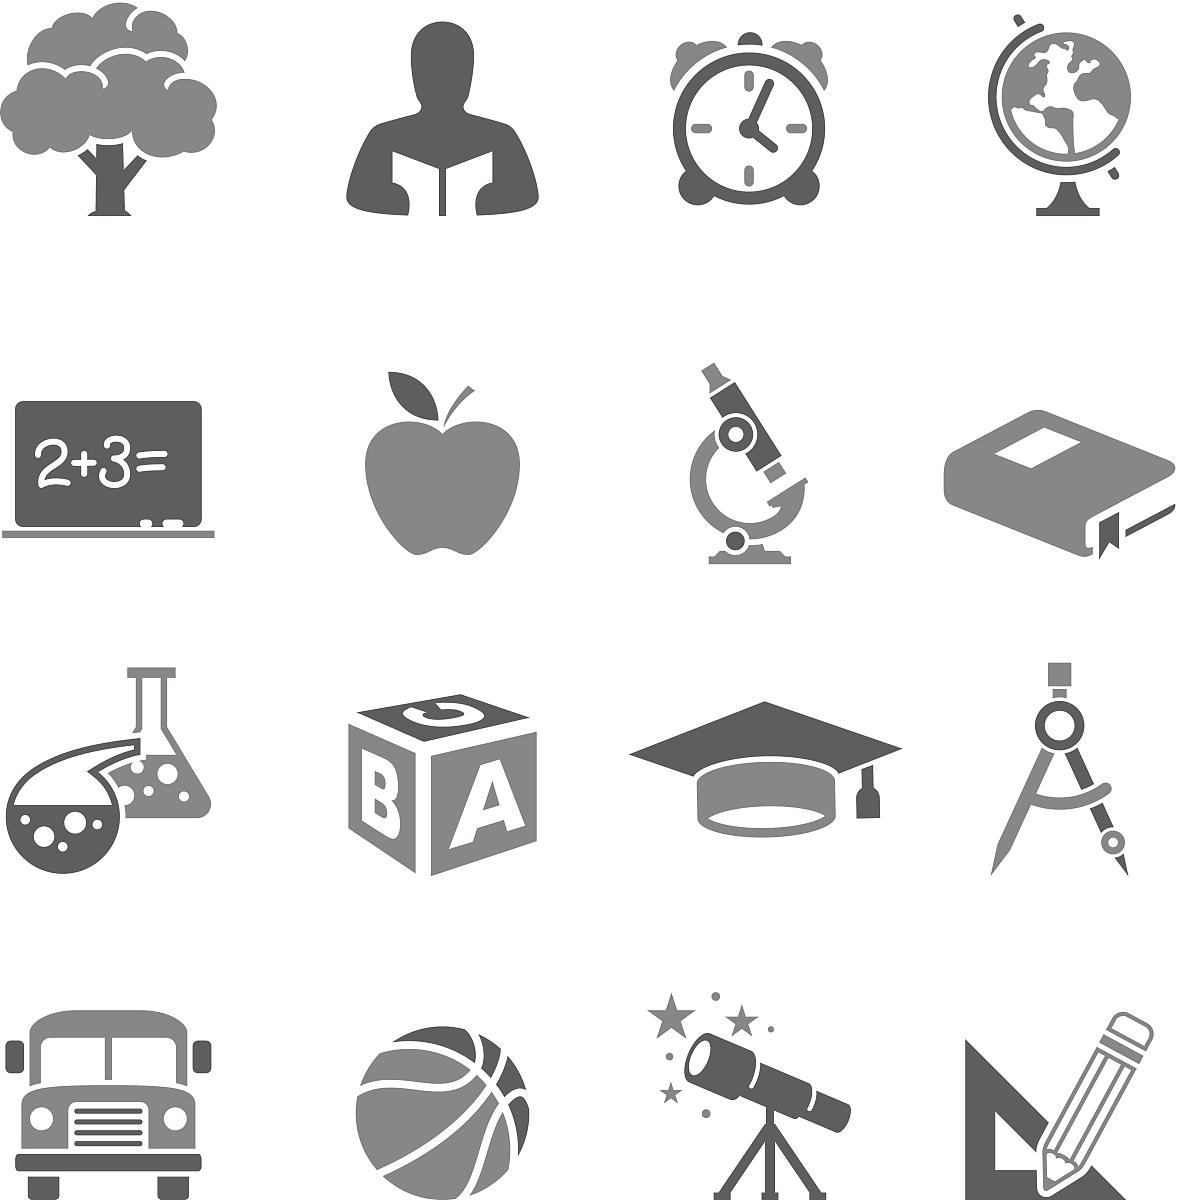 男孩,未成年学生,化学课,重返校园,几何形状,台式地球仪,白色背景图片